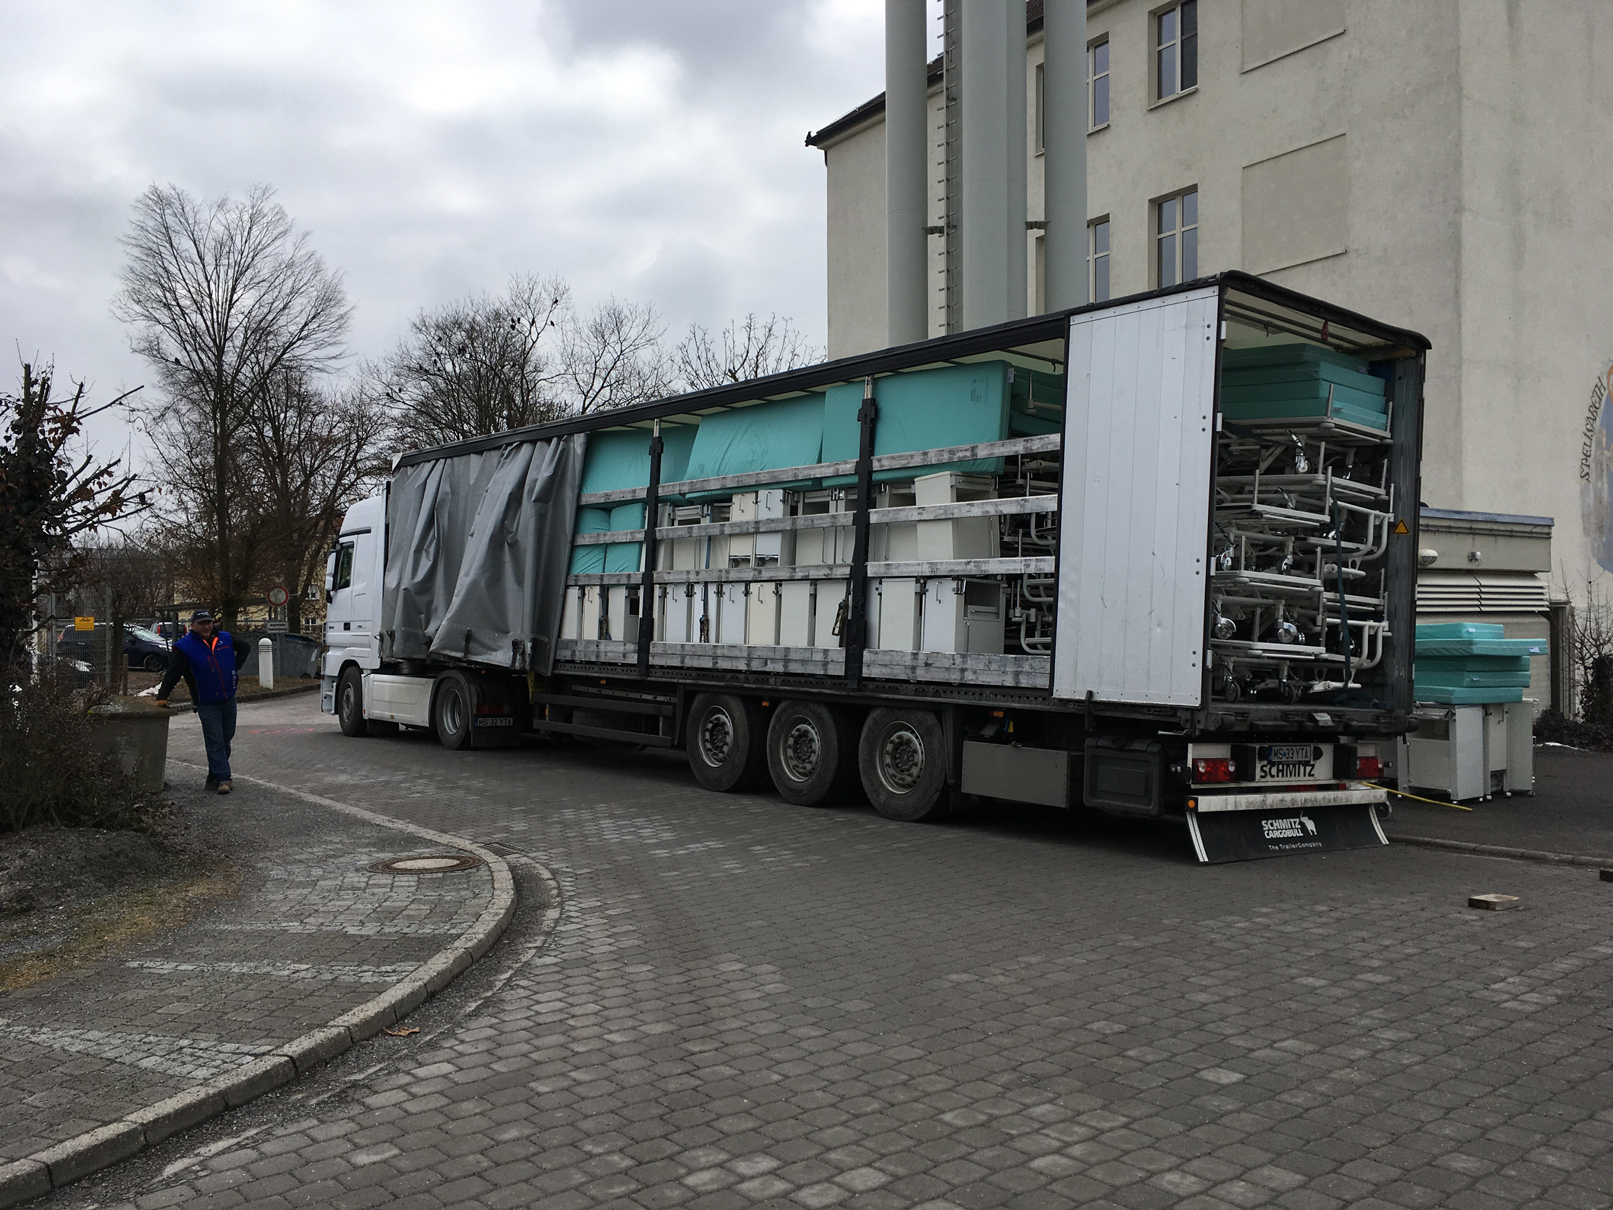 EFI -Tranport von Betten für die Judetean Unfallklinik in Cluj/Rumänien